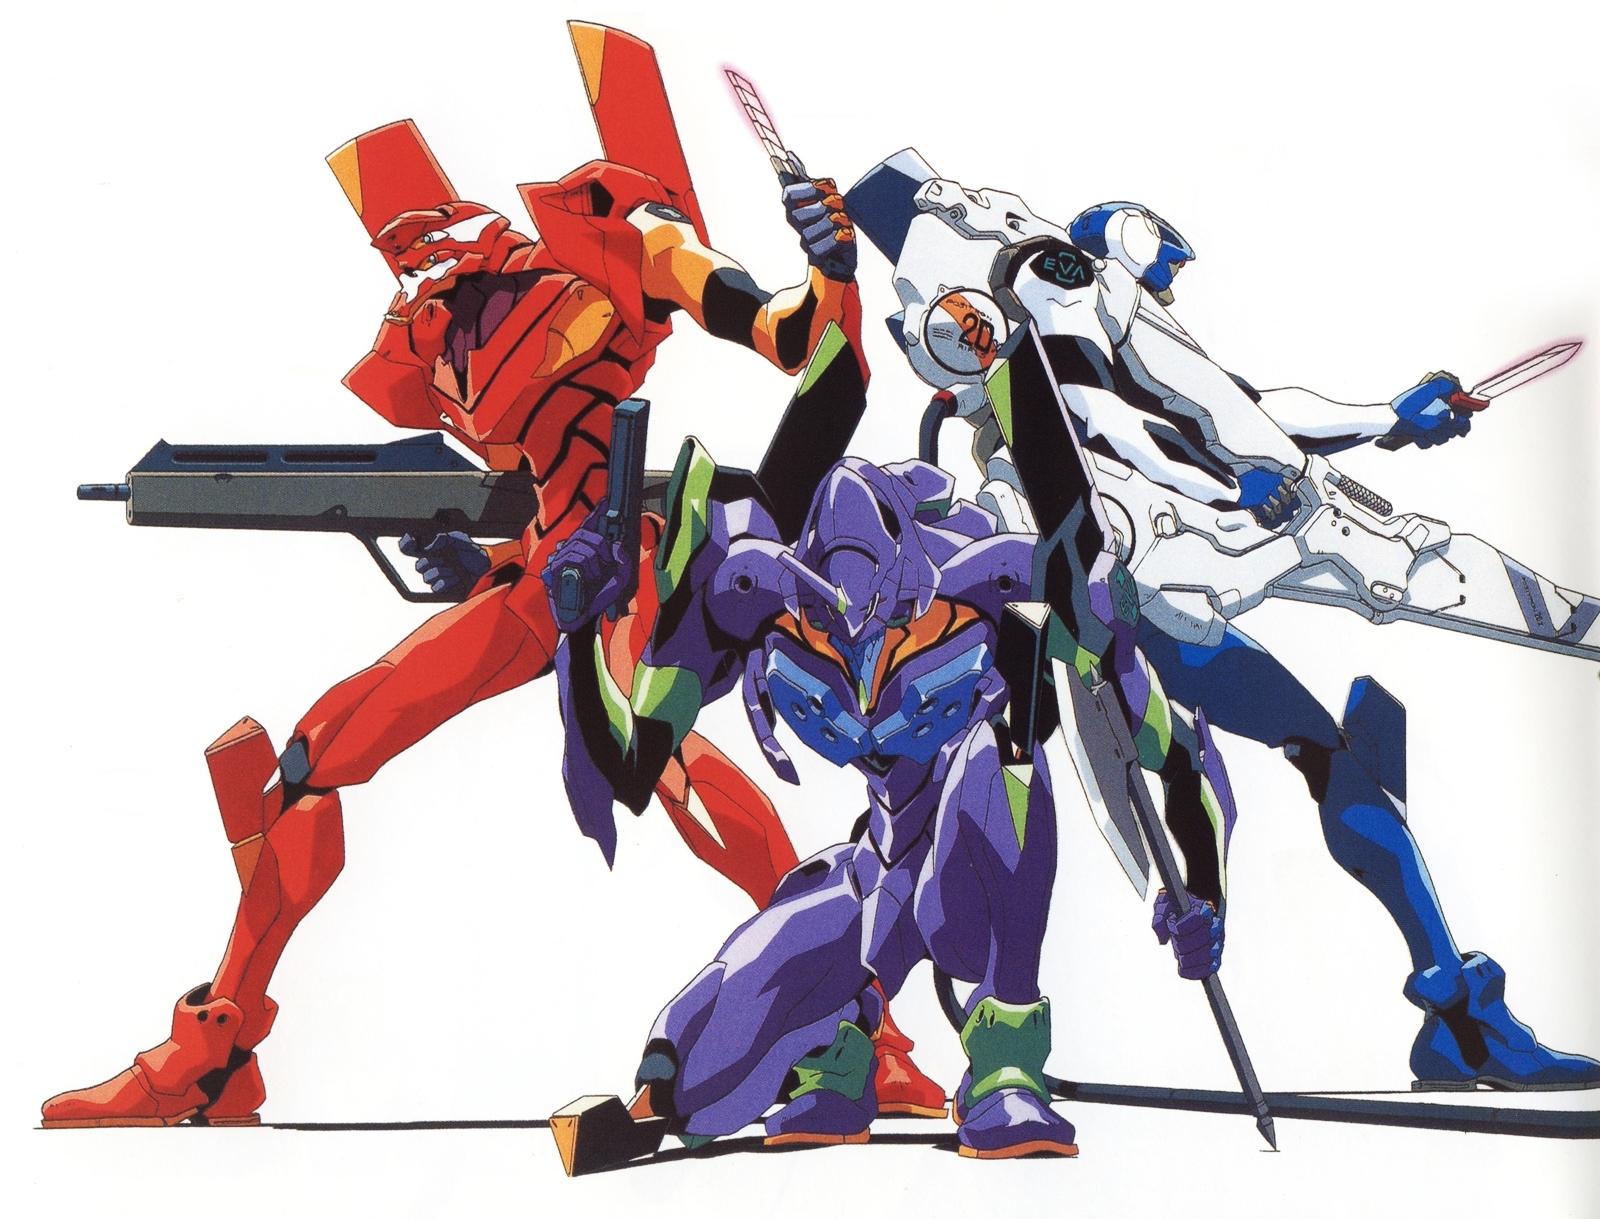 Unidades Evangelion  Neo Genesis Evangelion Wiki  Fandom